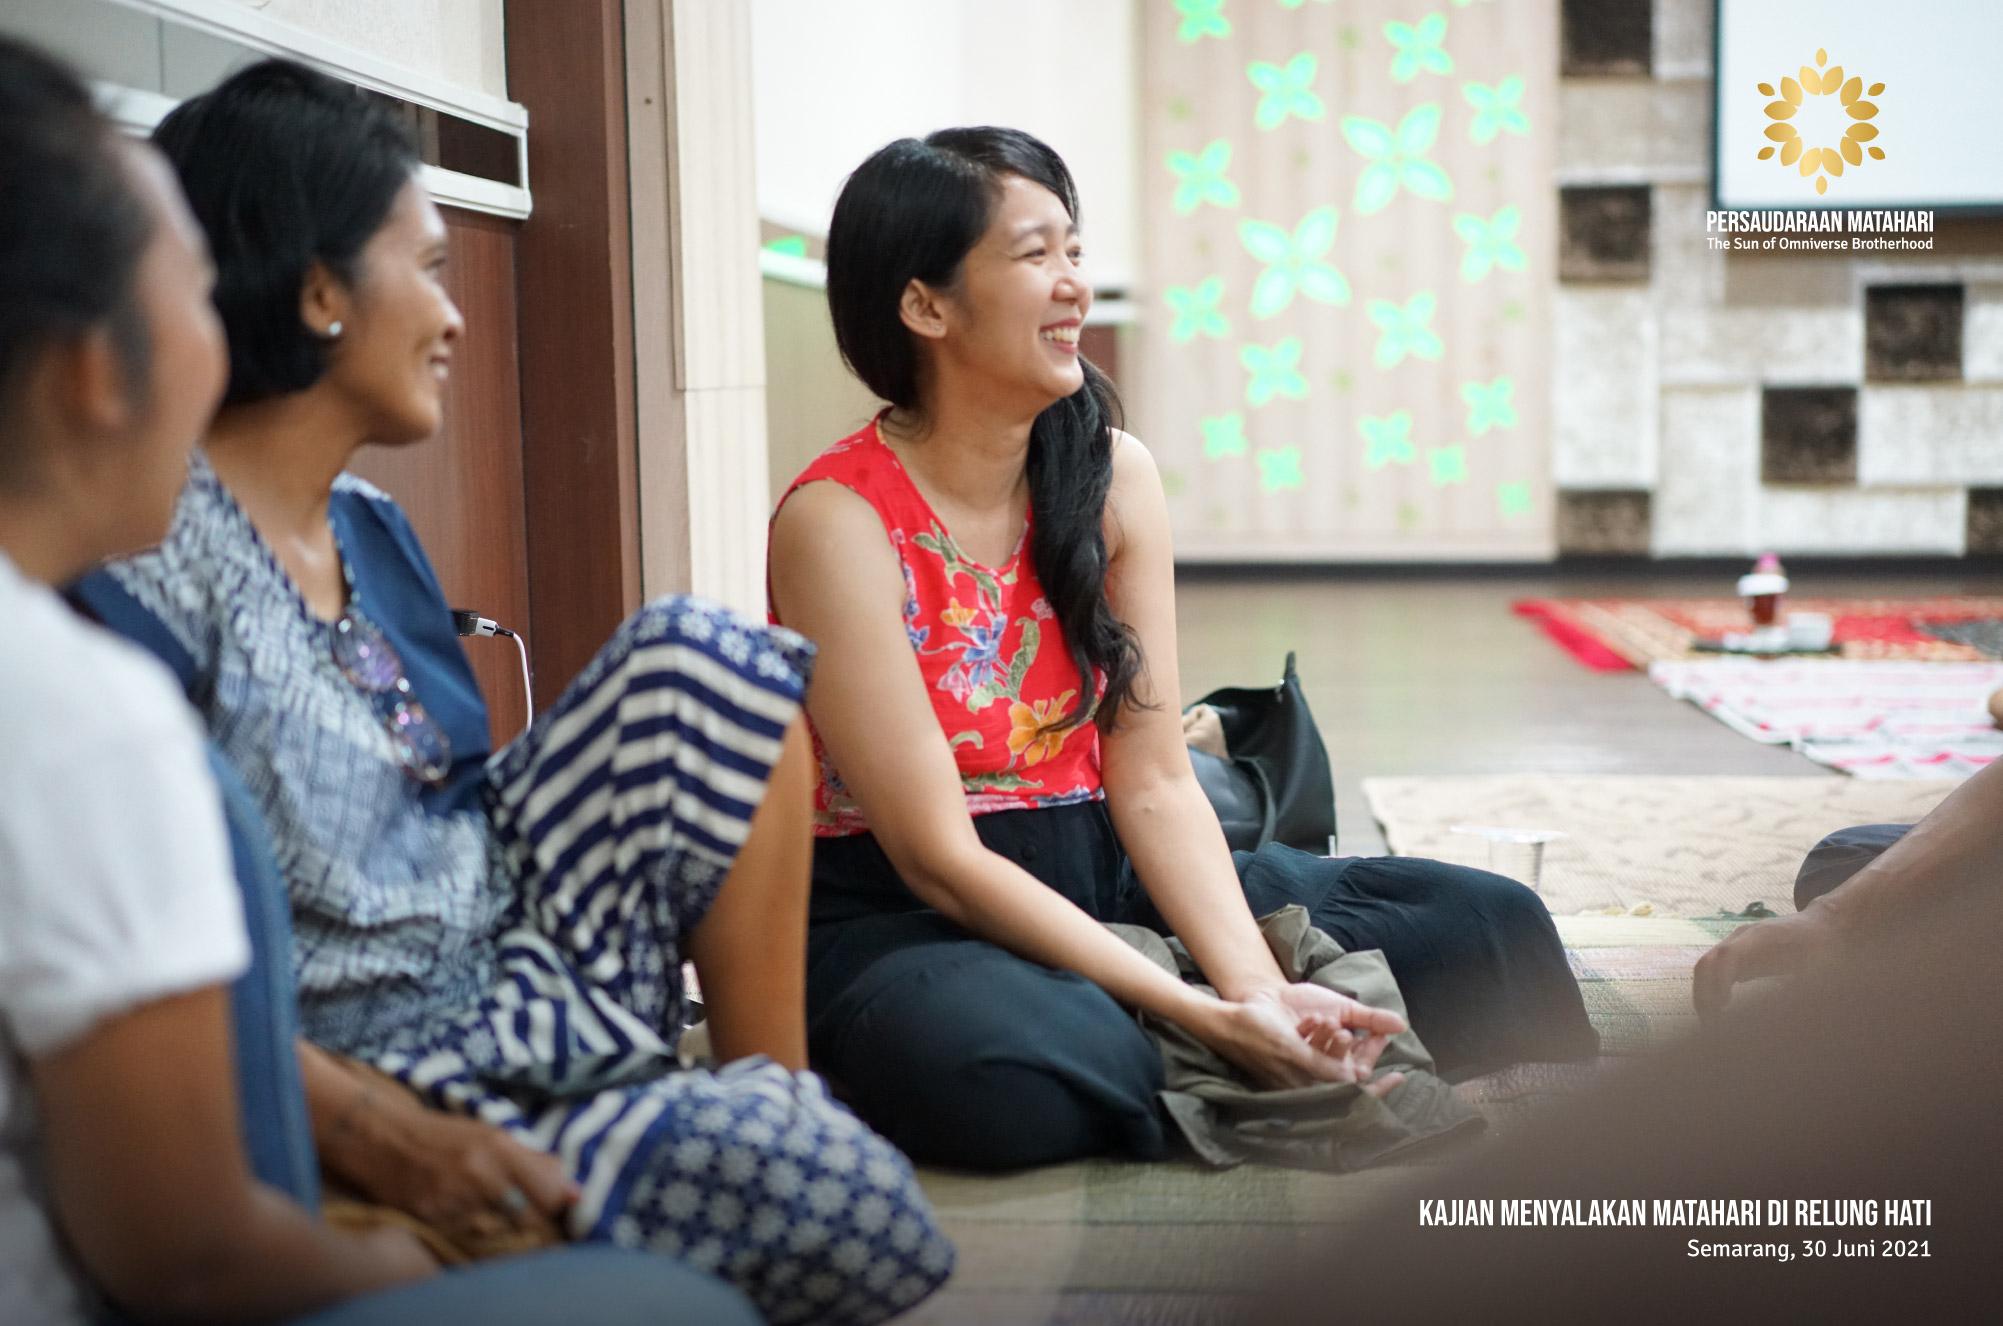 Kajian Semarang: Kesadaran Matahari – 30 Juni 2021